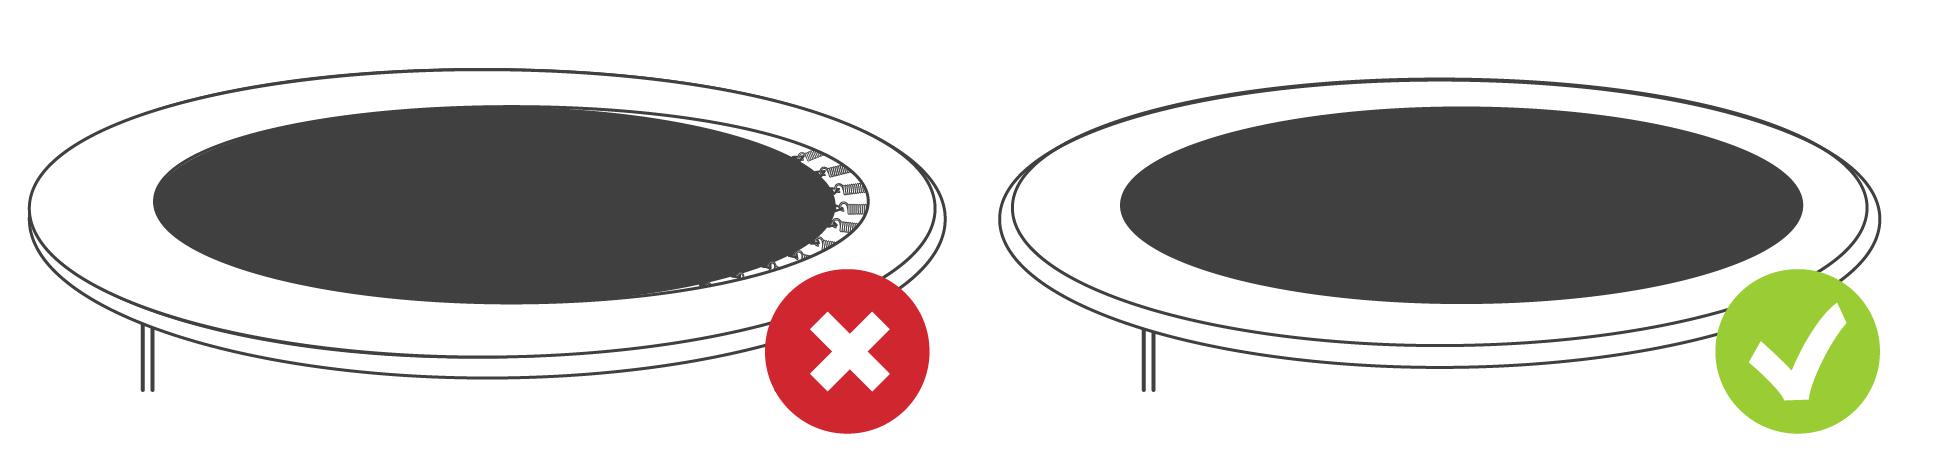 Diagrama mise en place de cojin de protección para el cama elástica